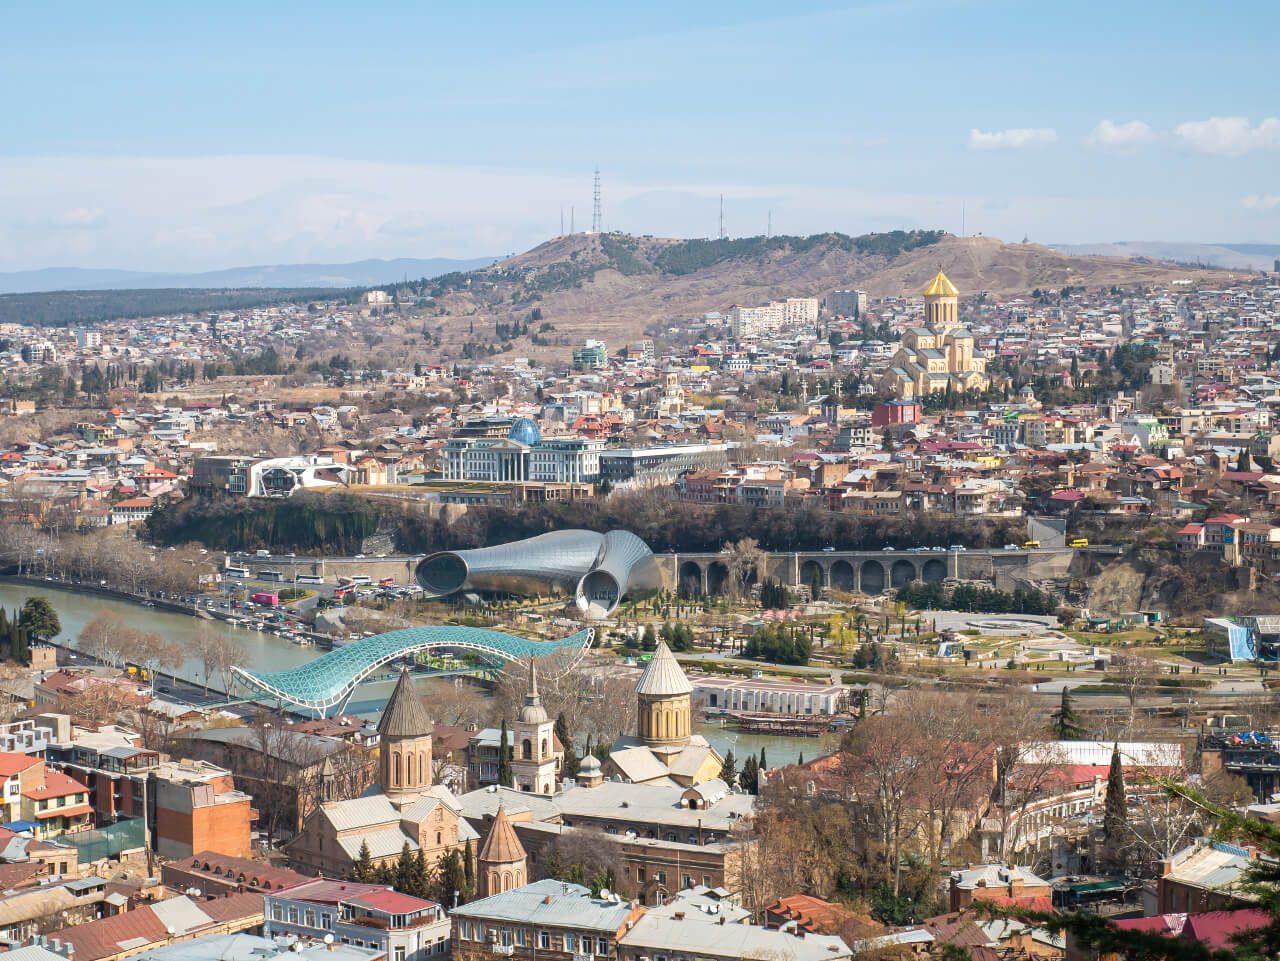 Widok z twierdzy Narikala na Park Rike z salą koncertową, Most Pokoju i sobór św. Trójcy